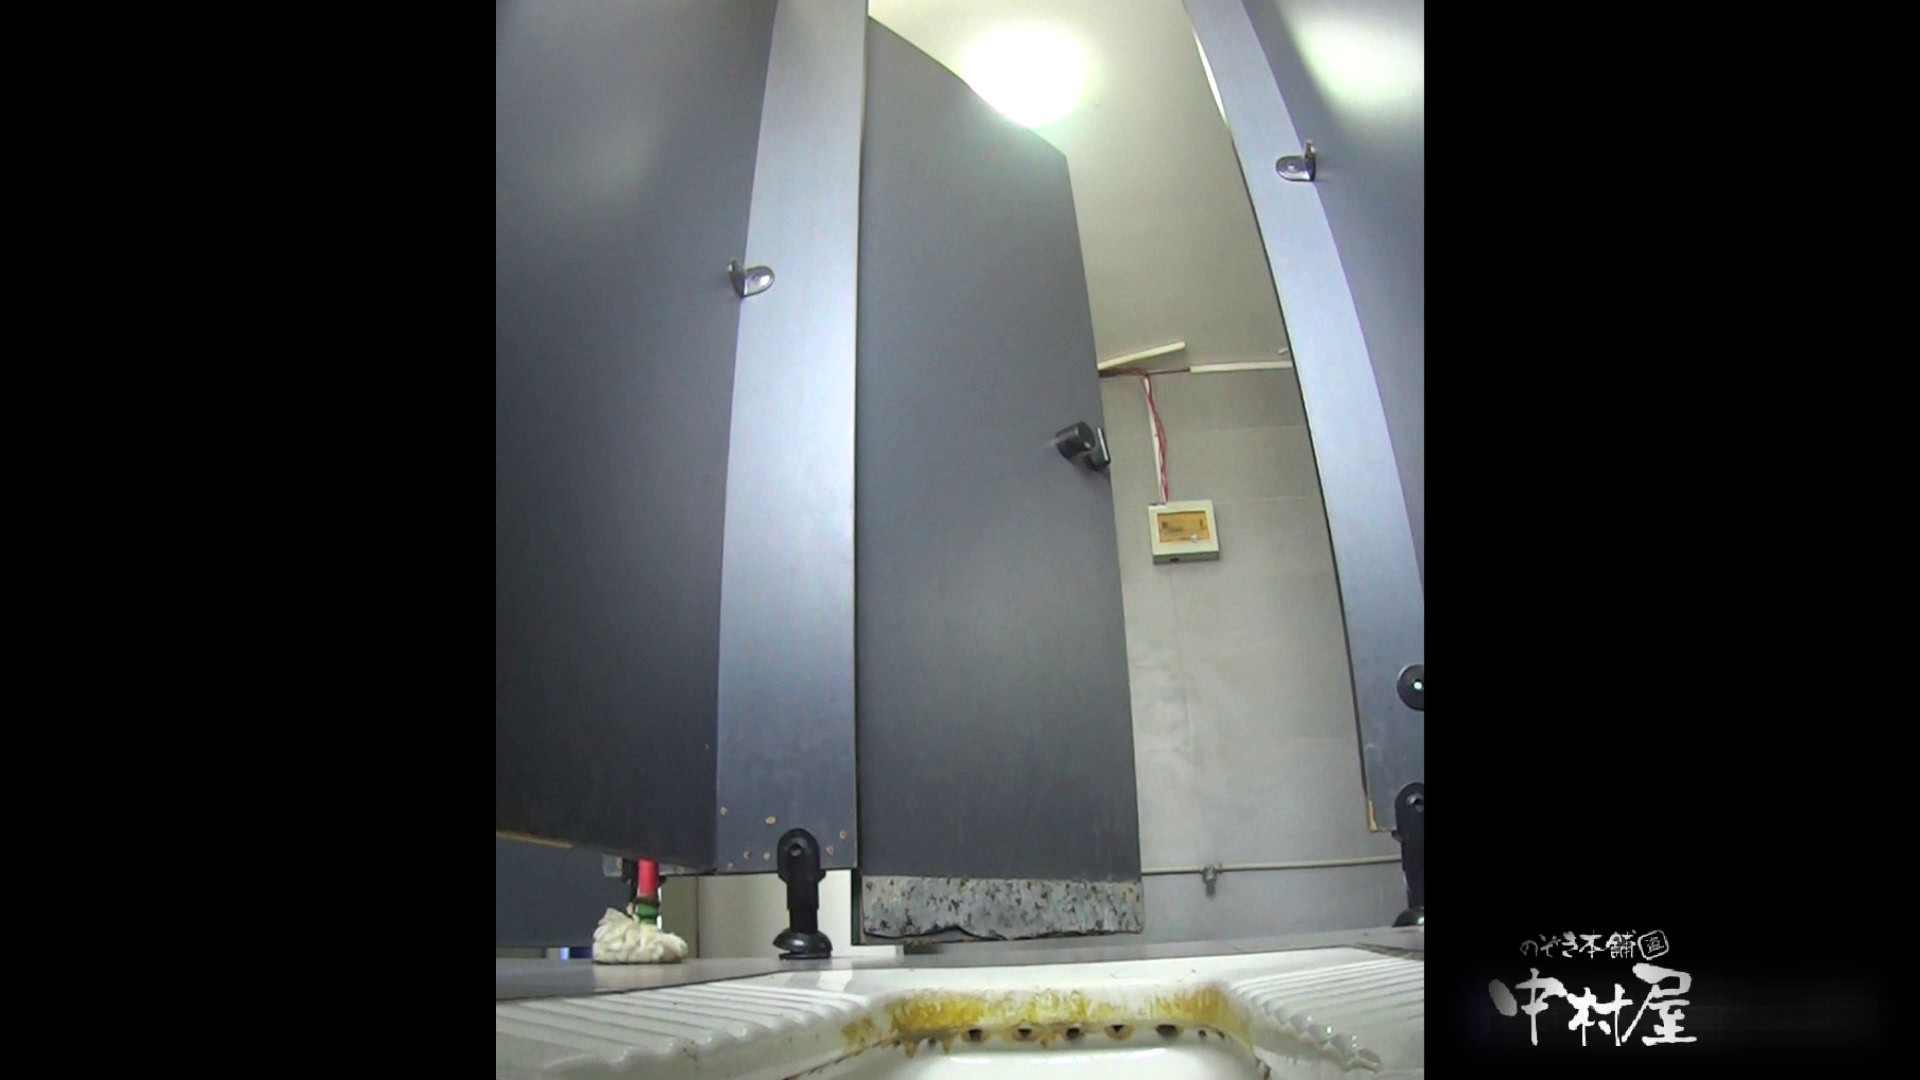 高画質で見る美女達の洗面所 大学休憩時間の洗面所事情14 乙女のエロ動画 | お姉さんのエロ動画  107PIX 1